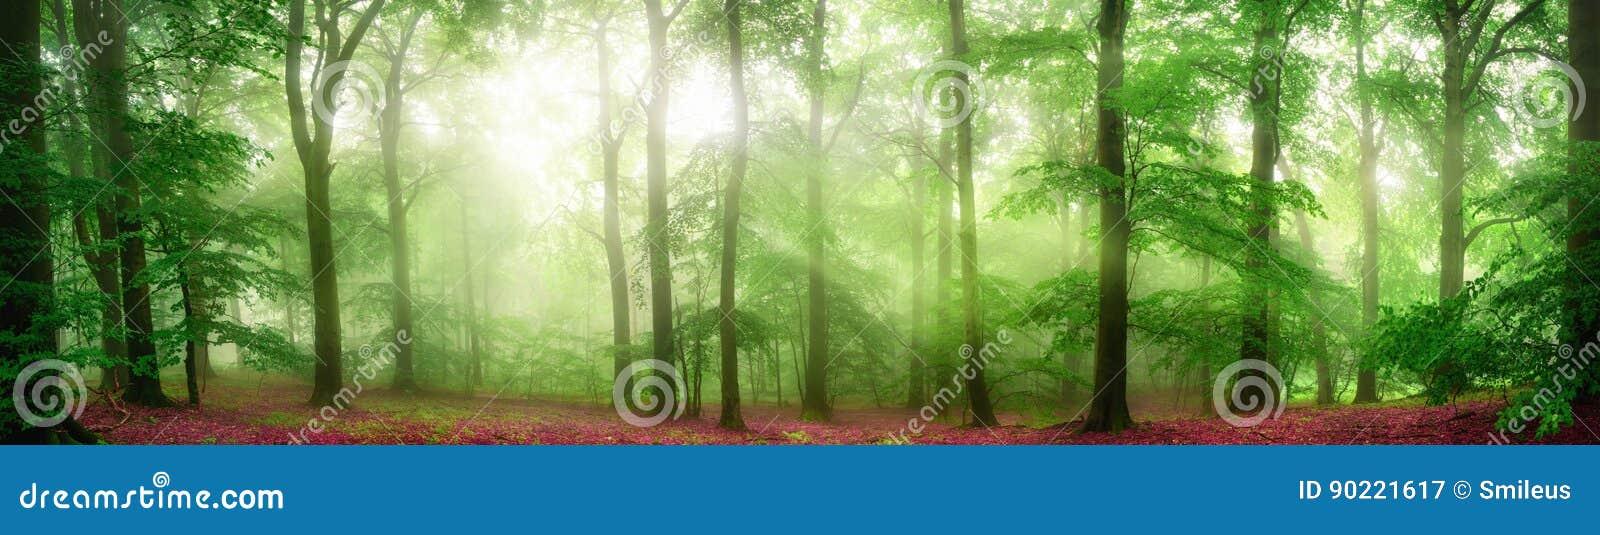 Туманная панорама леса с мягкими лучами света